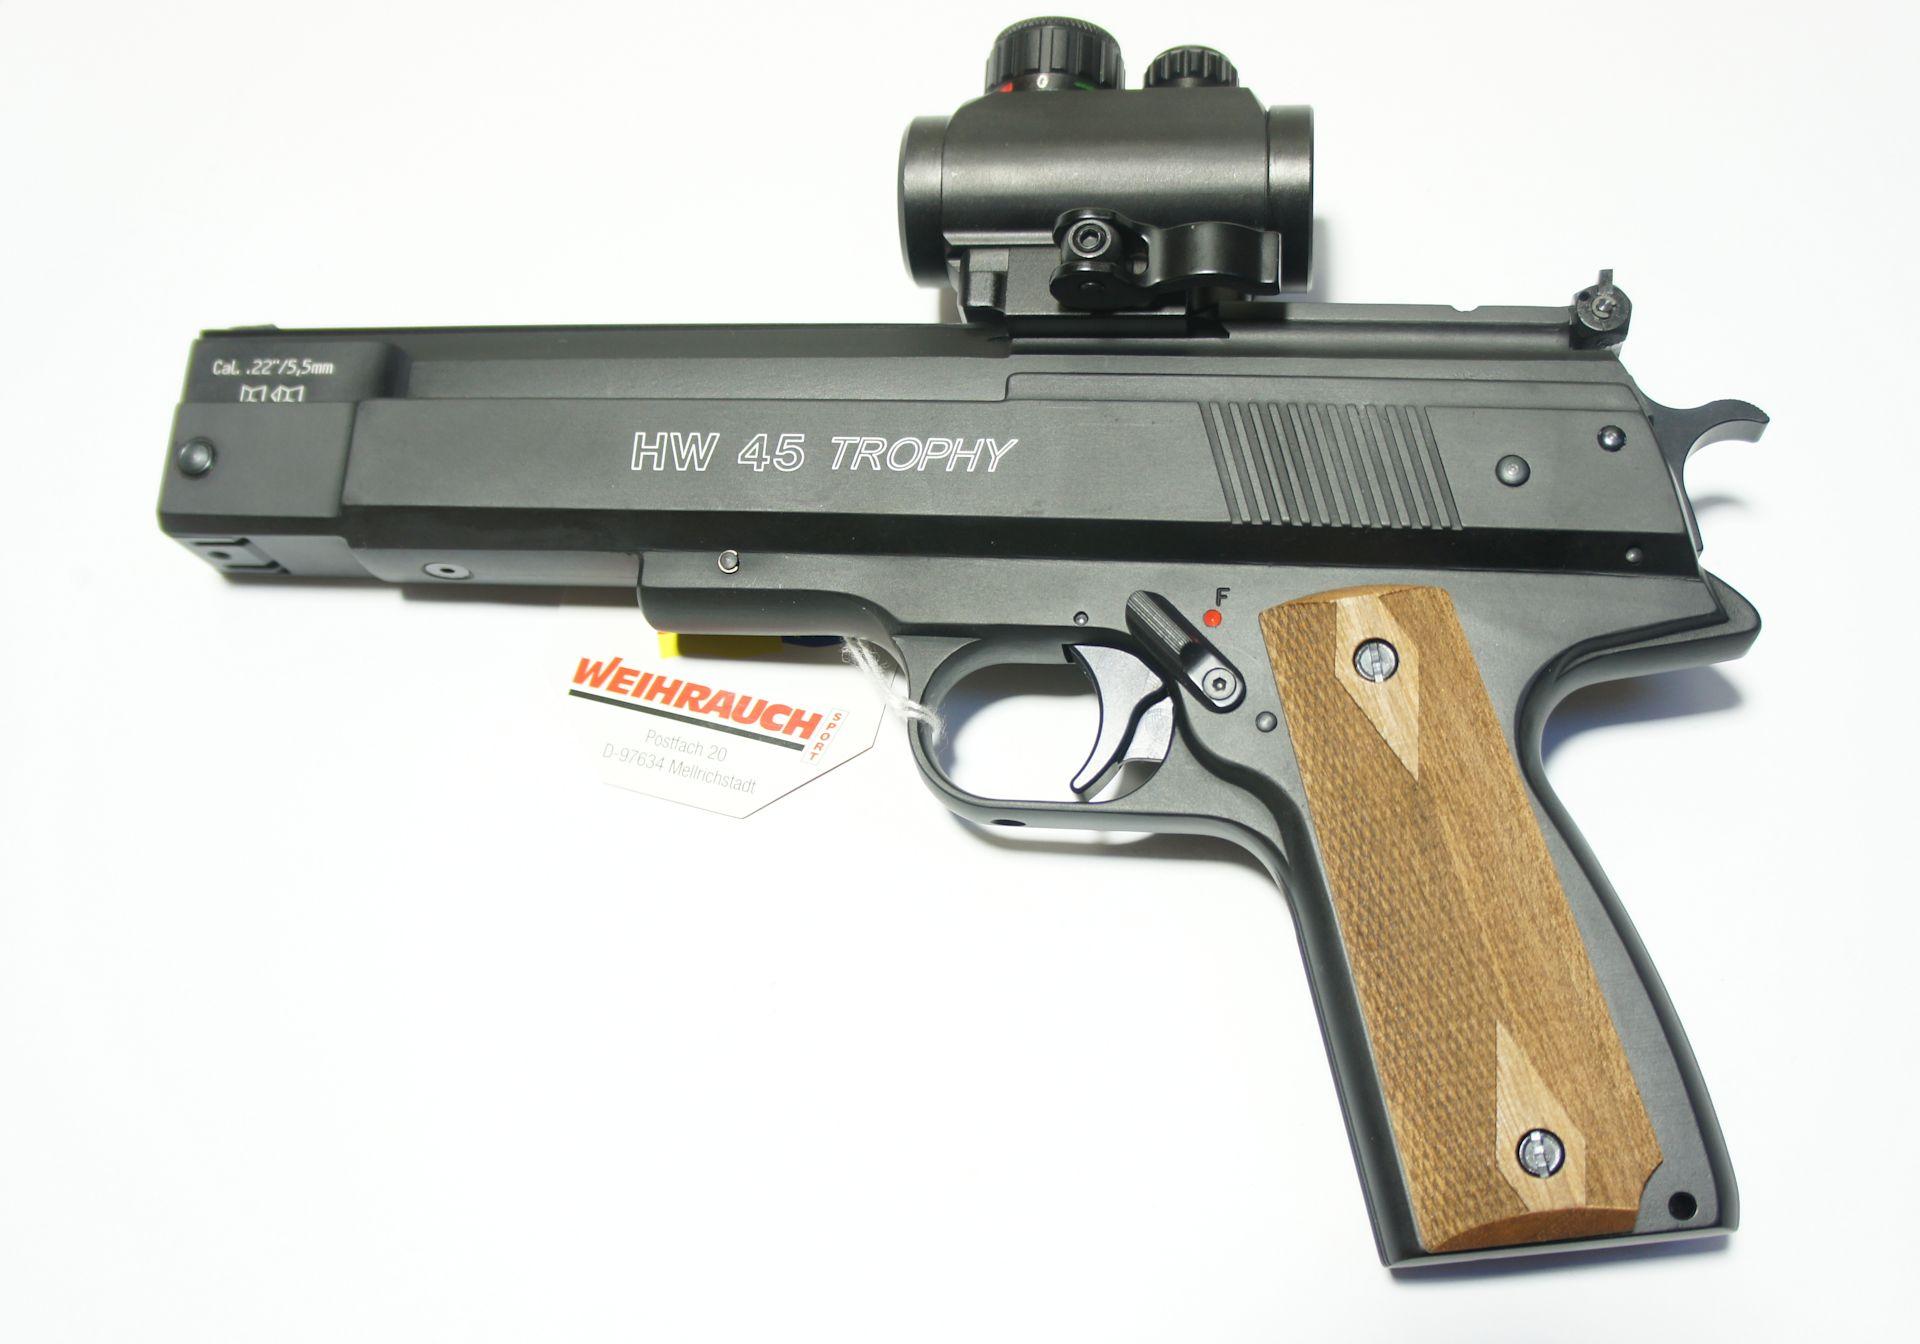 HW 45 Trophy RTU, Kaliber 5,5mm mit Leuchtpunktvisier